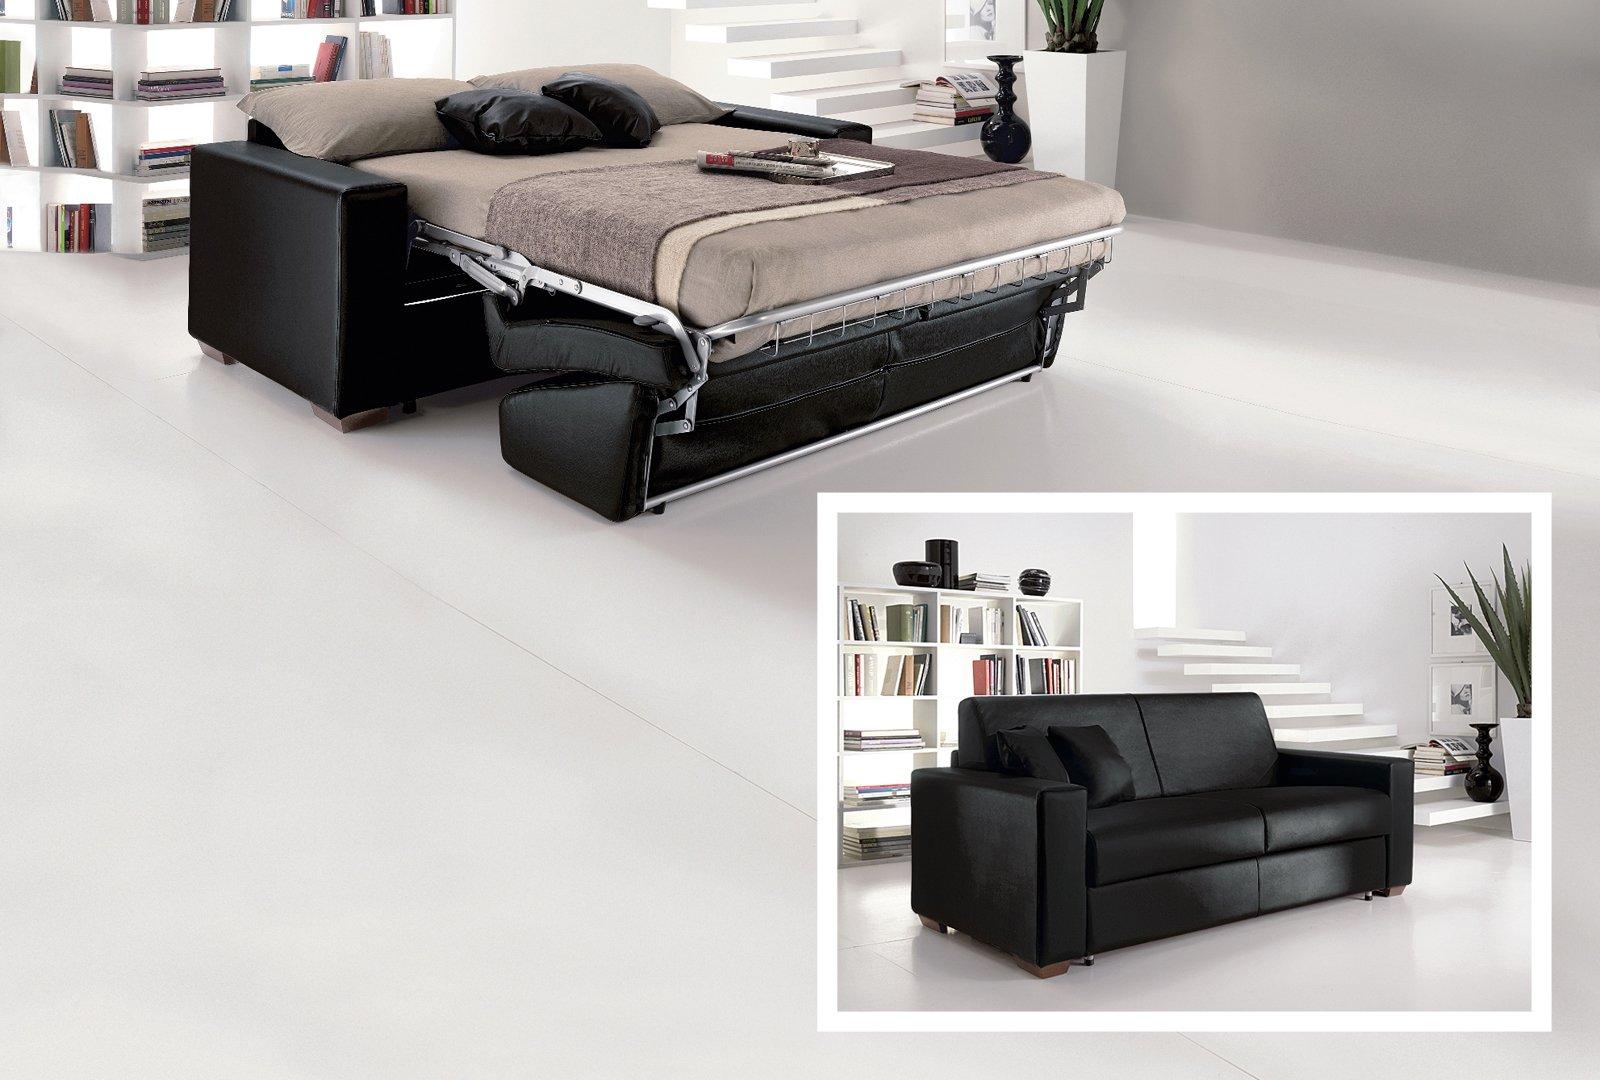 Divani letto per risparmiare spazio cose di casa - Divano letto elettrico ...